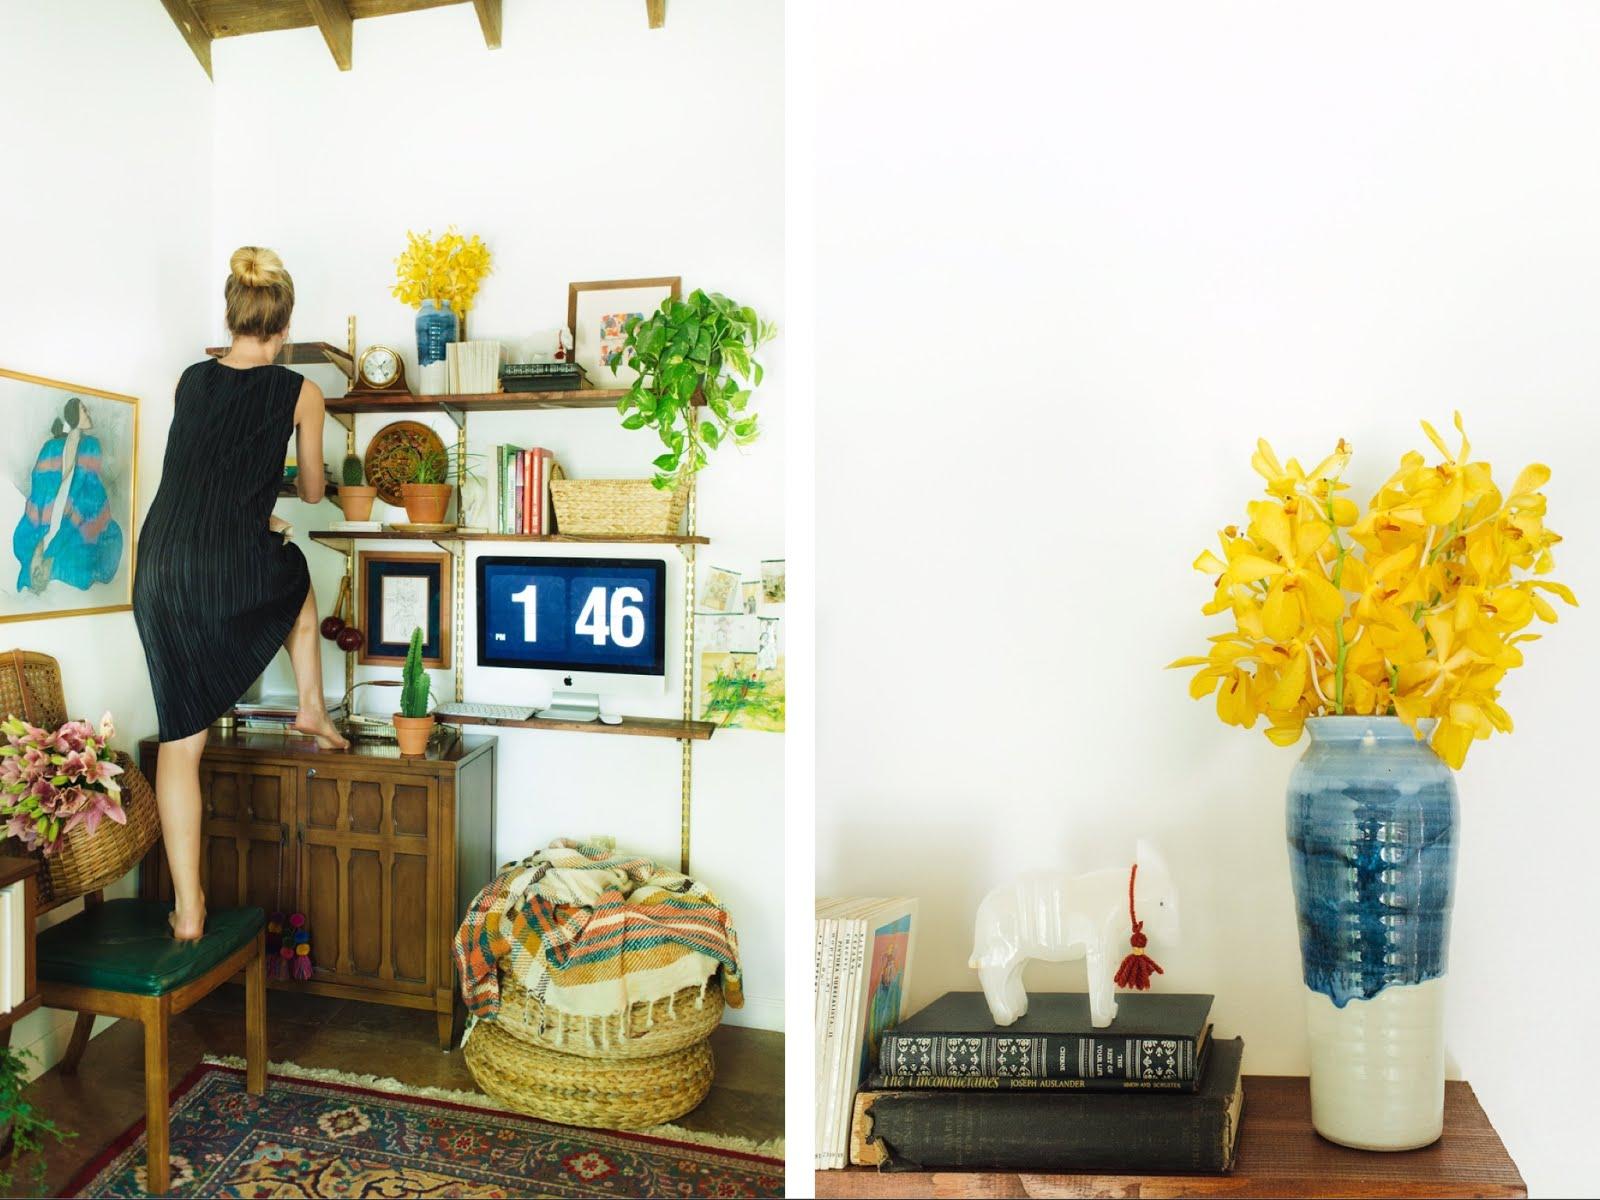 arte boheme, Federica molini, Miami blogger